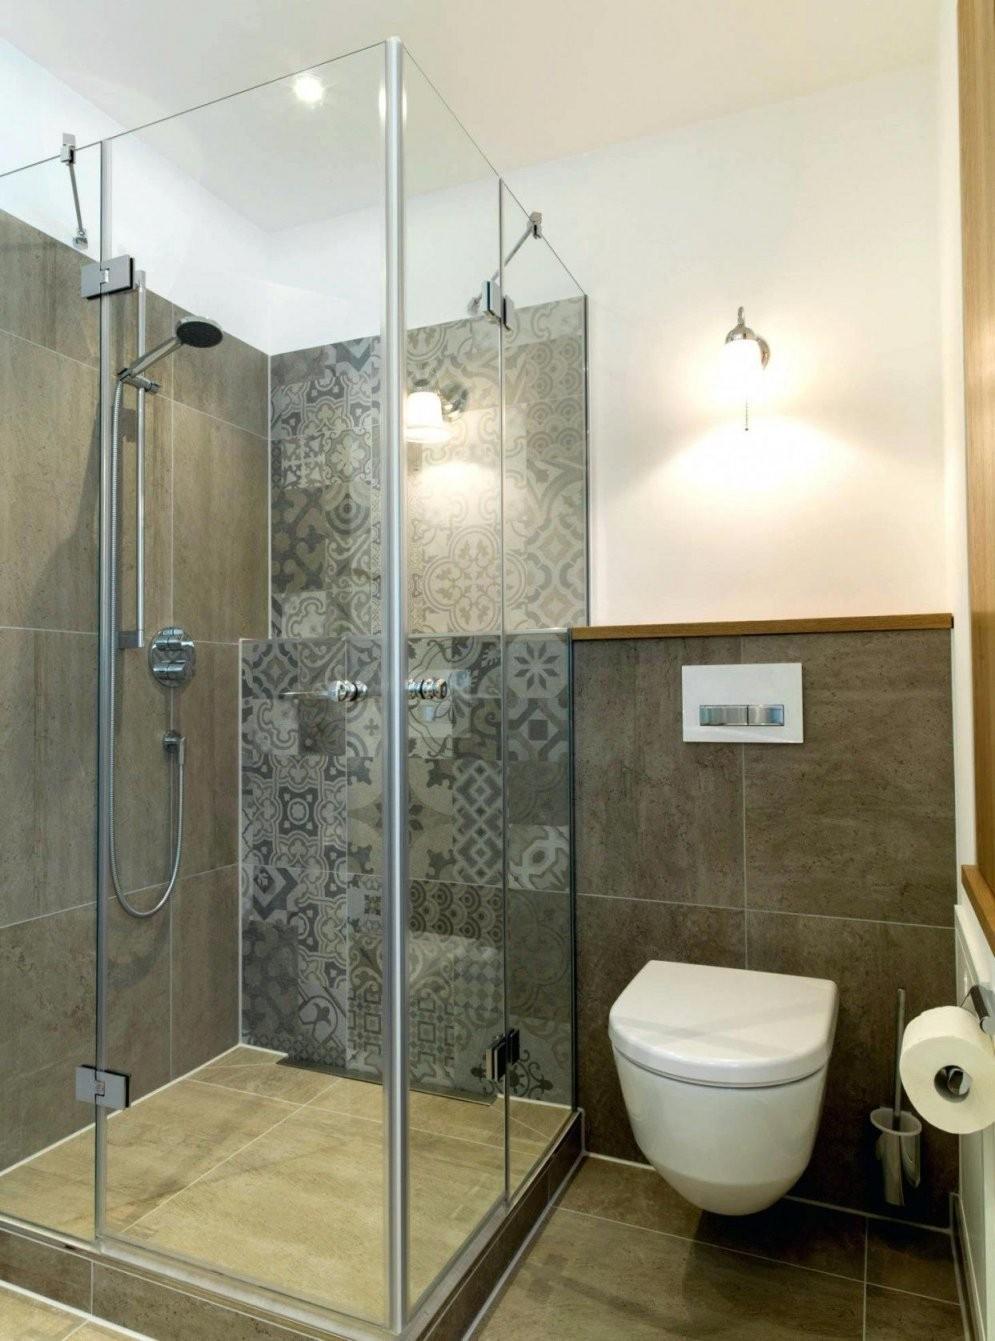 Mosaik Fliesen Bad Ideen  Wohndesign von Mosaik Fliesen Dusche Boden Bild